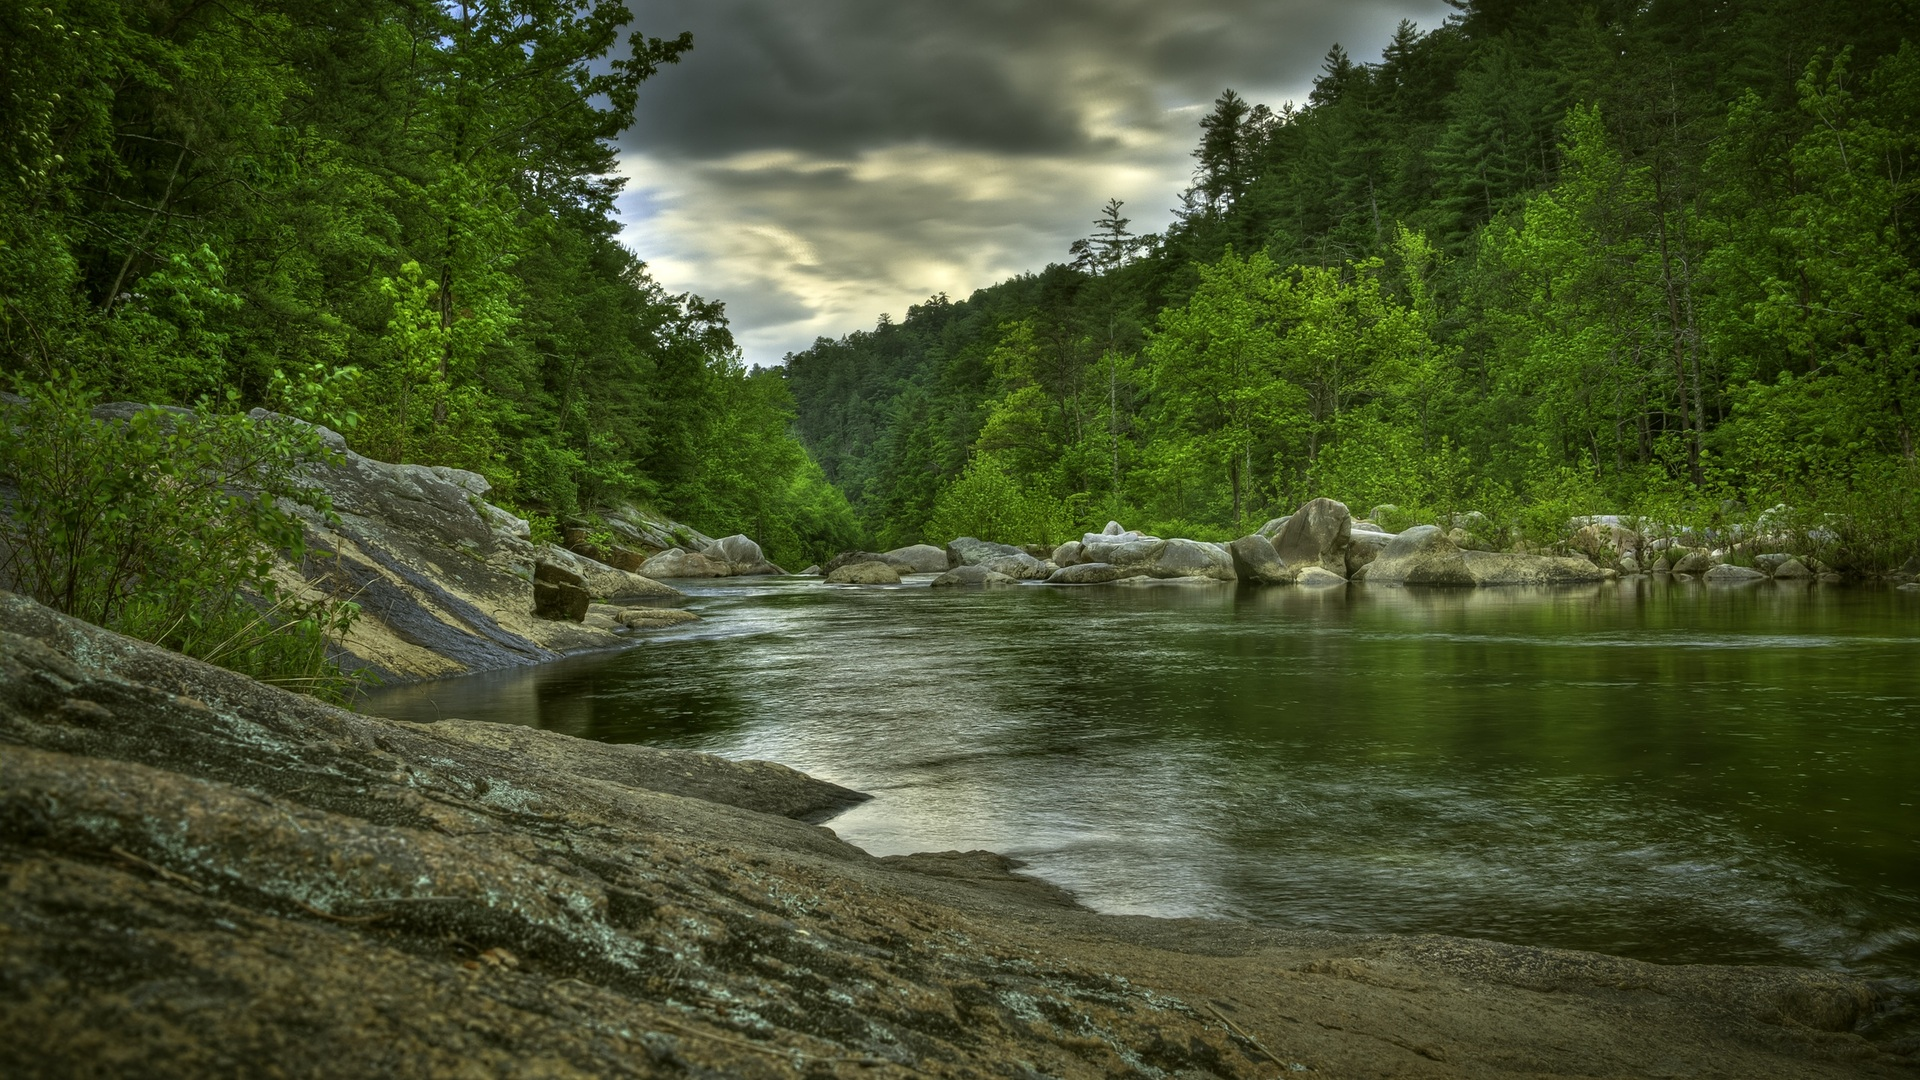 creek springfield missouri usa nature wallpaper 1920x1080 638 1 1920x1080